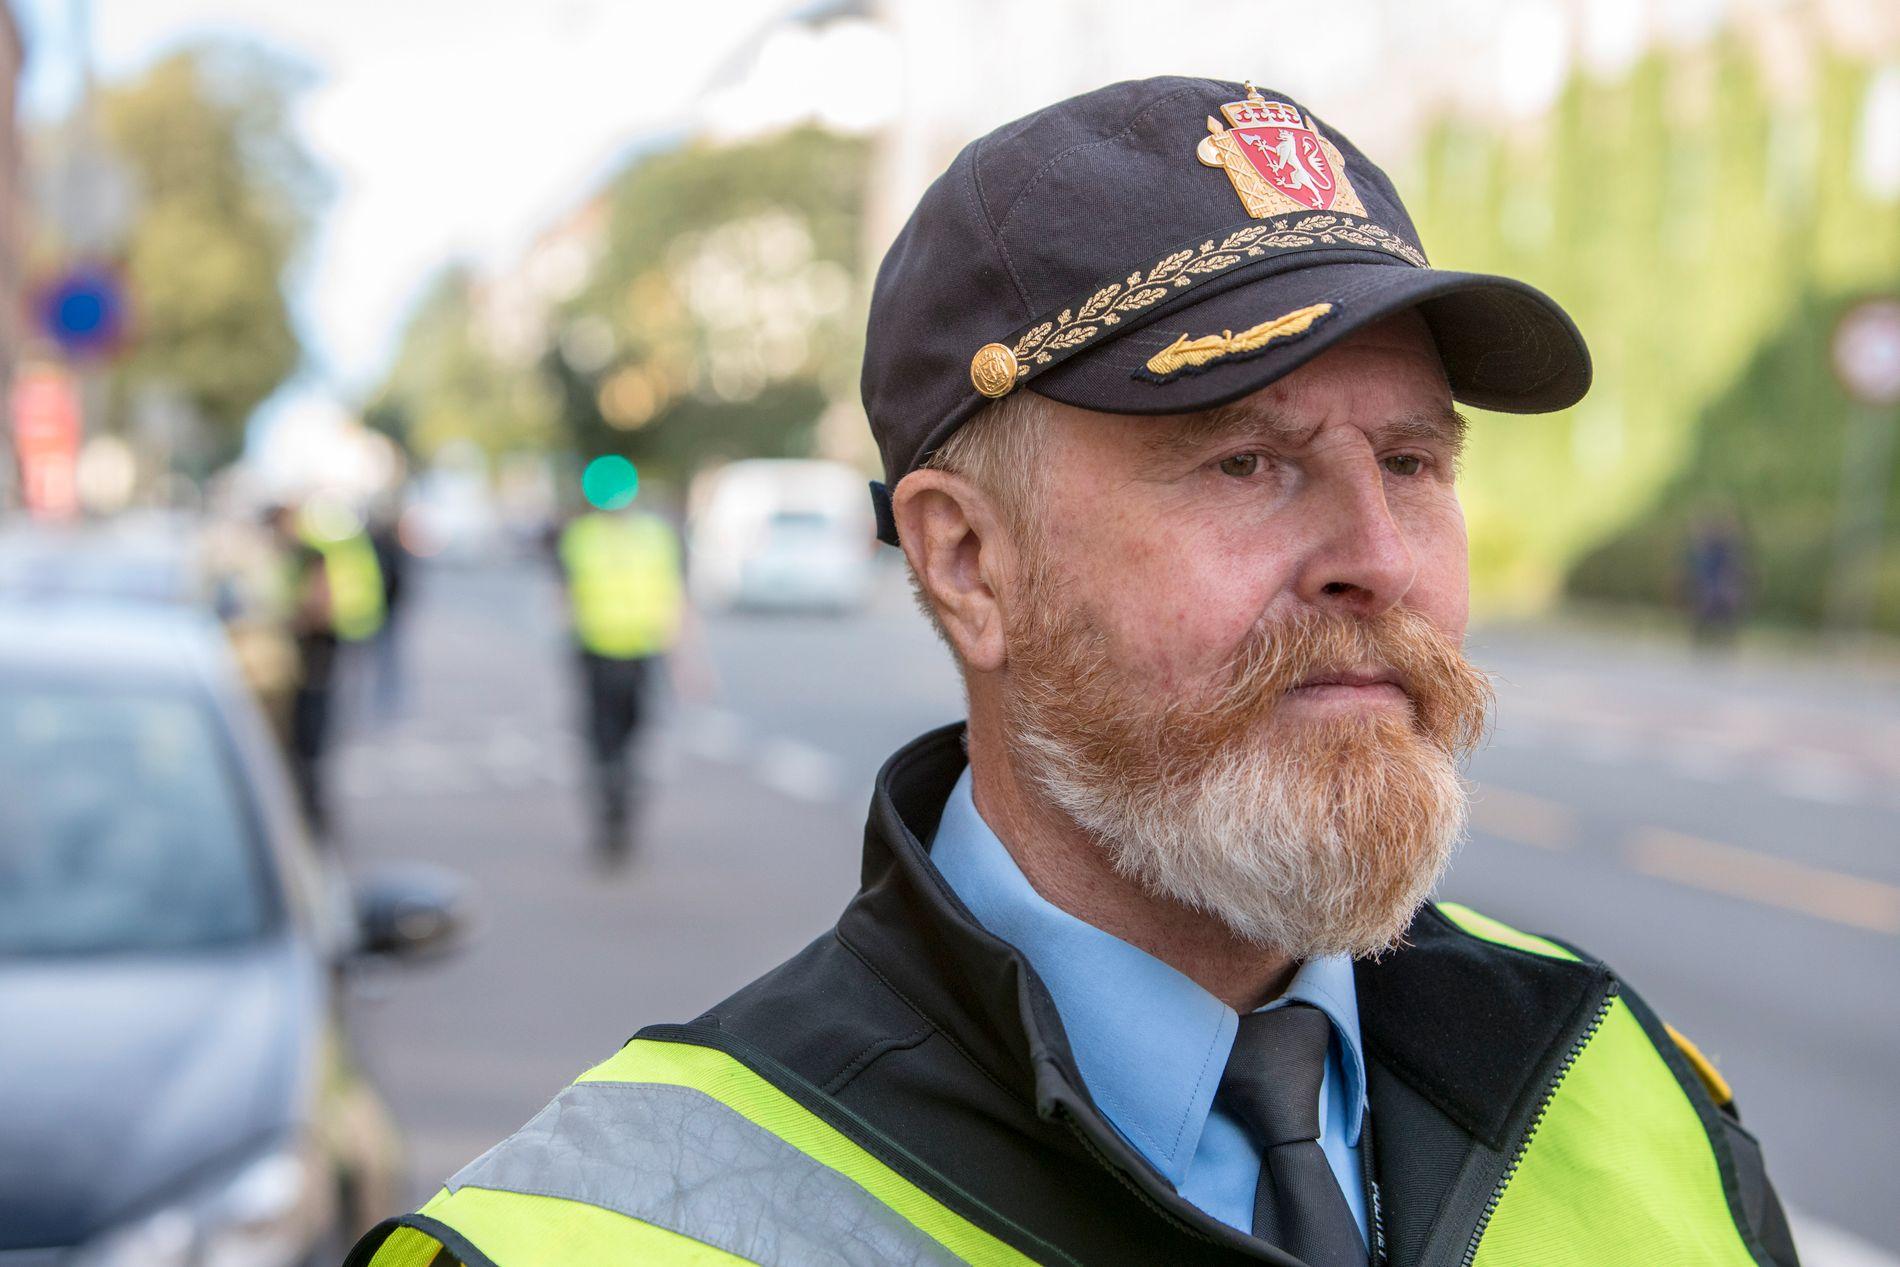 LÆR GRUNNREGLENE! – Vi hadde kommet mye lenger om folk lærte seg og etterlevde grunnregler for trafikk, sier politioverbetjent Finn Erik Grønli, som leder trafikkorpset i Oslo.